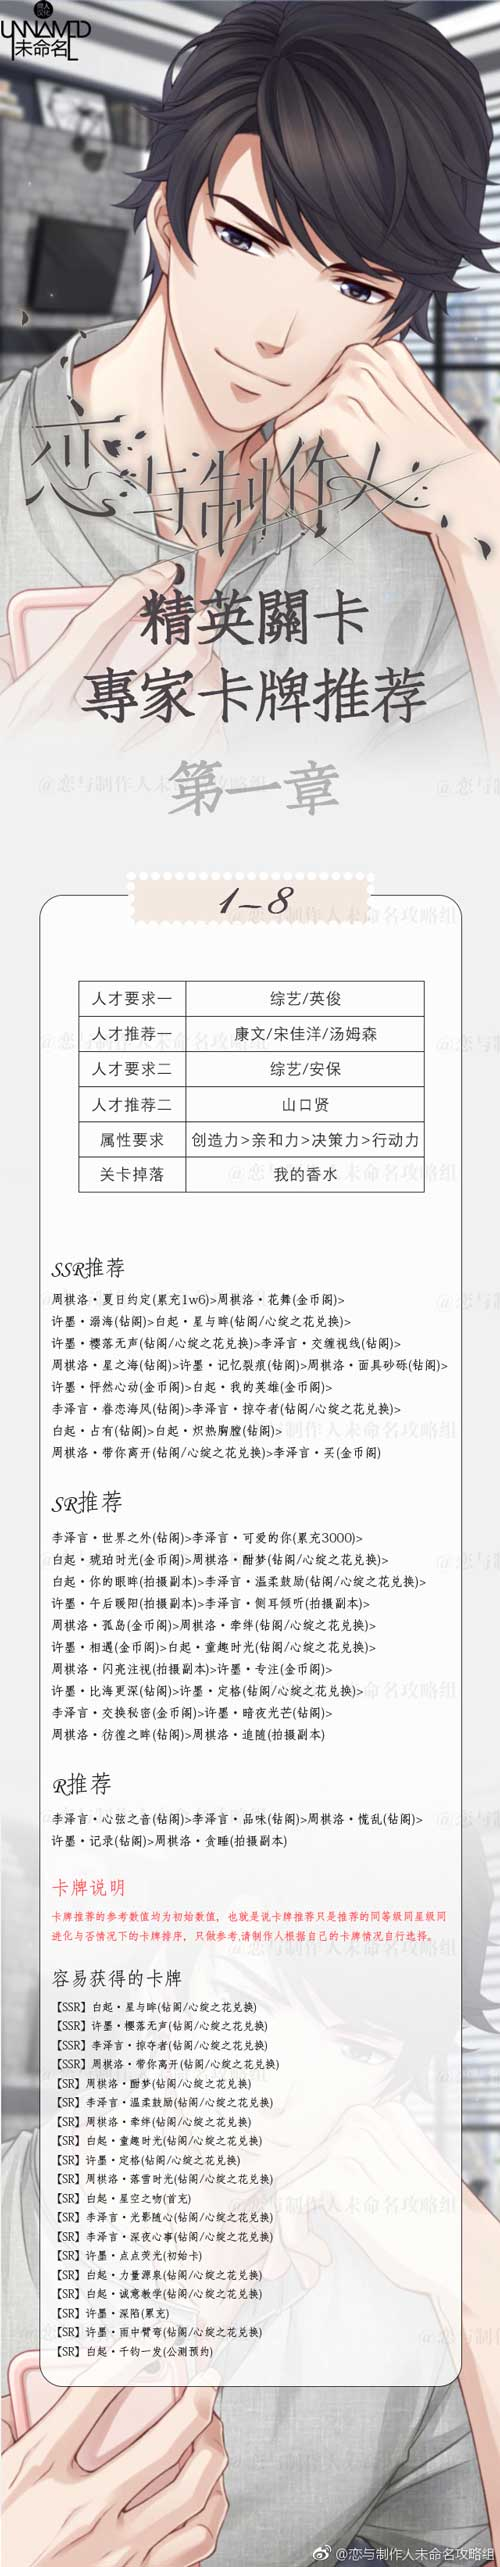 恋与制作人精英1-8关怎么过